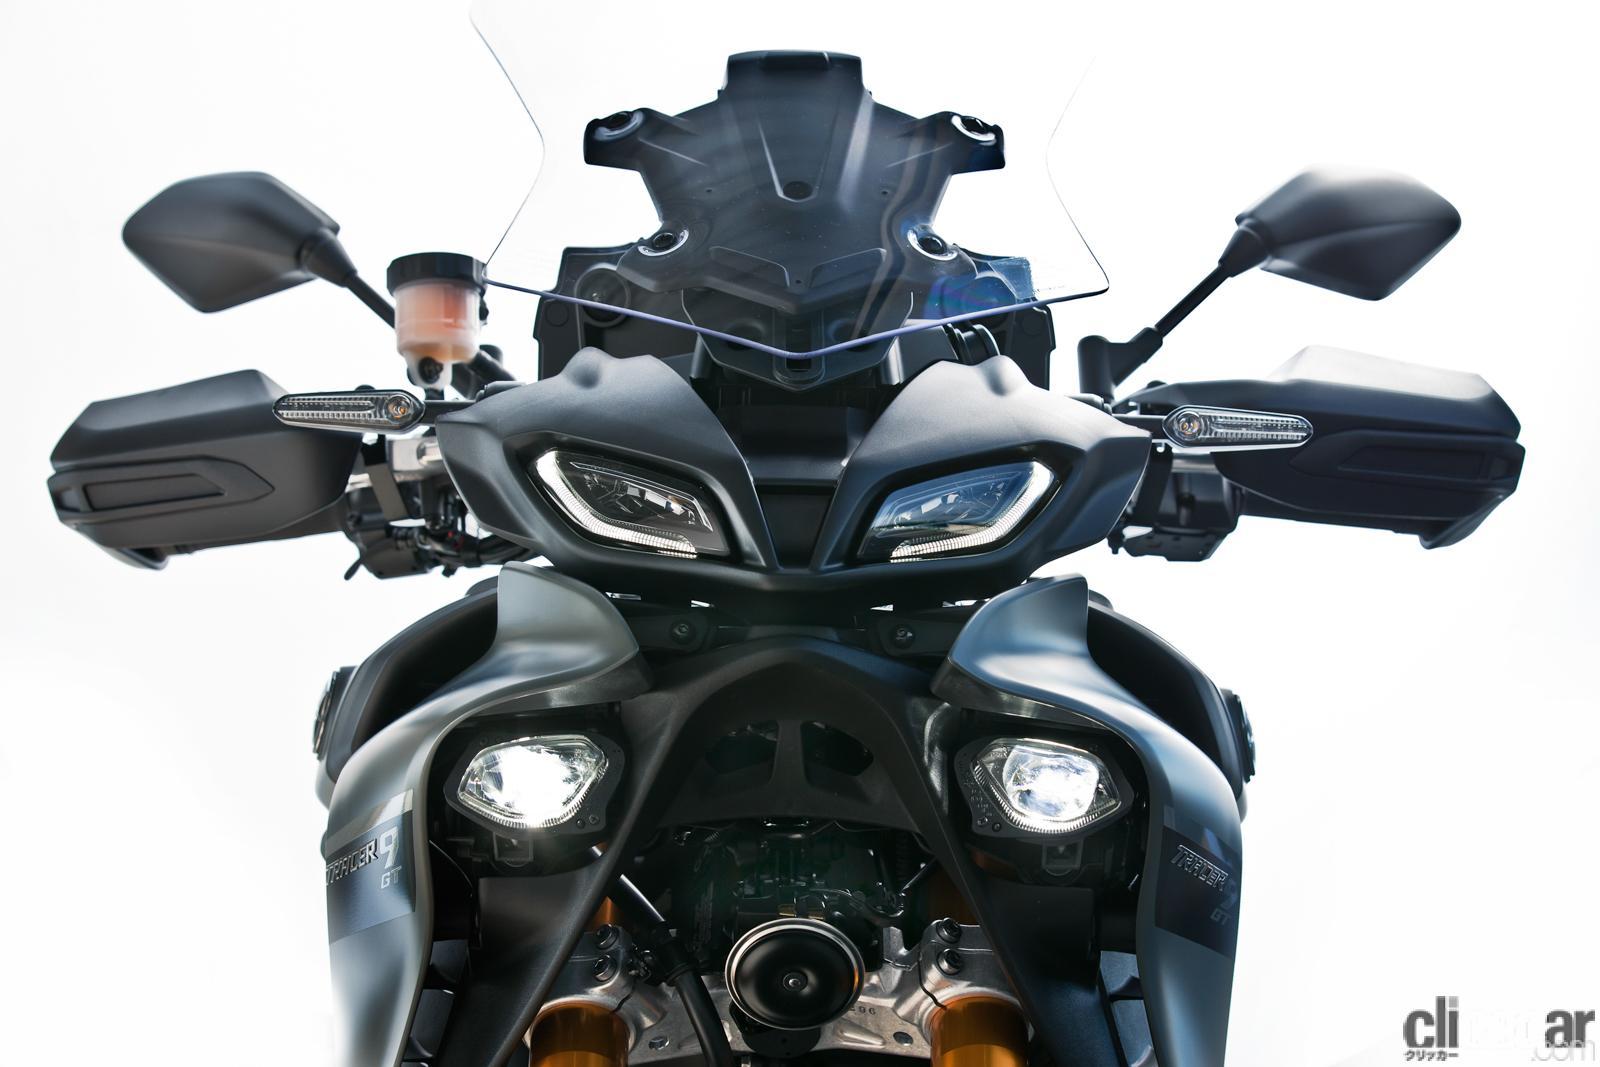 「何キロでも走れる超快適仕様! ヤマハTRACER9 GT ABSは電子制御の恩恵をフルに体感できる高性能スポーツツアラー」の7枚目の画像